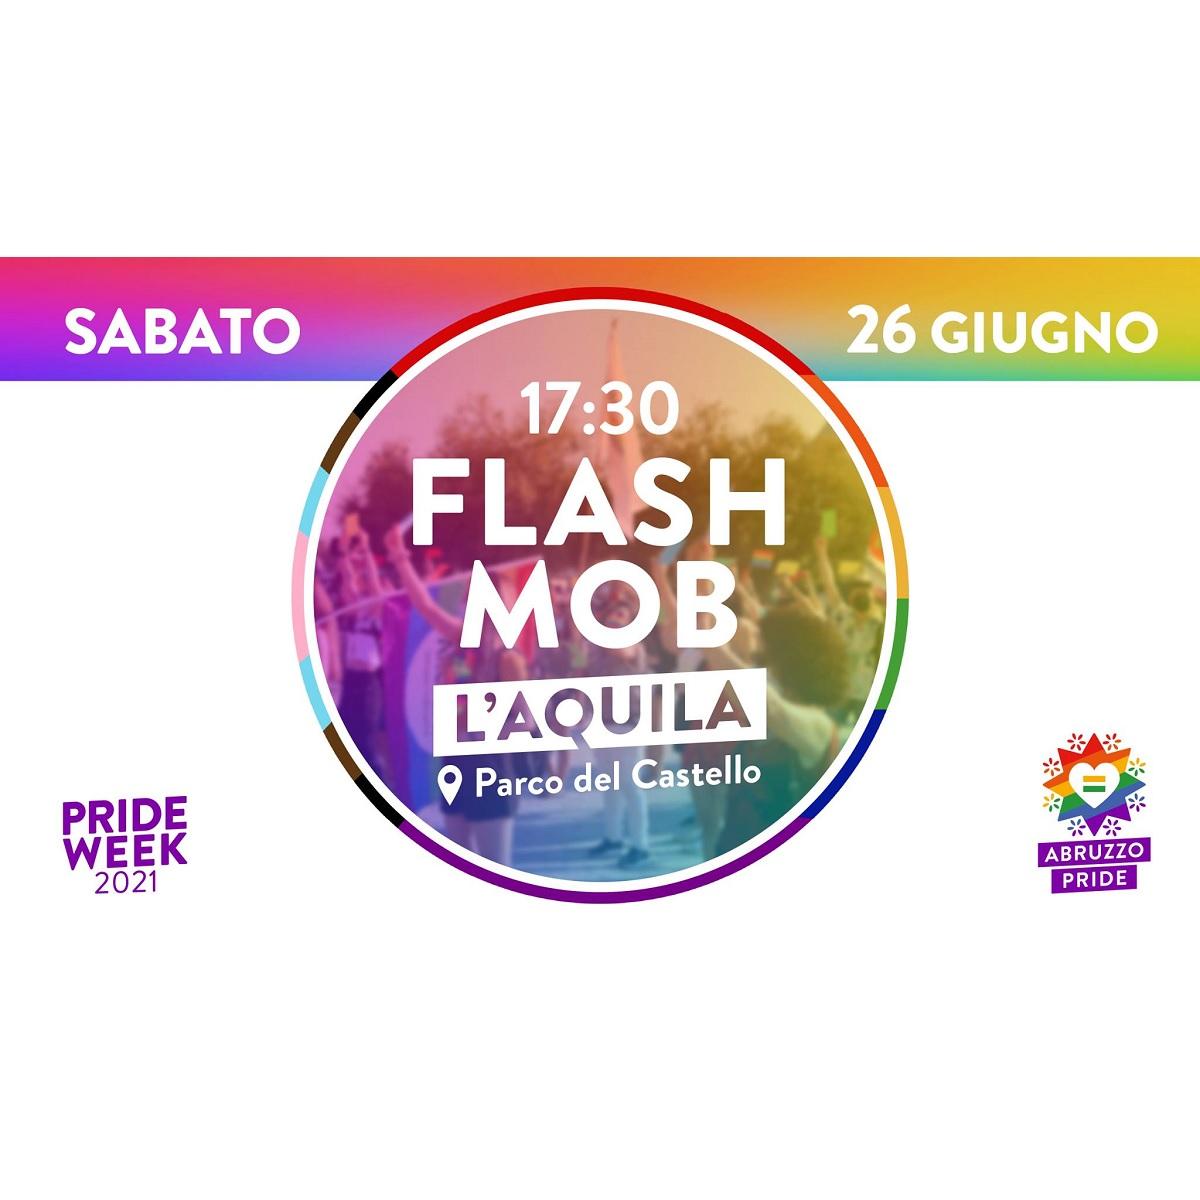 Abruzzo Pride flashmob a L'Aquila sabato 26 giugno foto